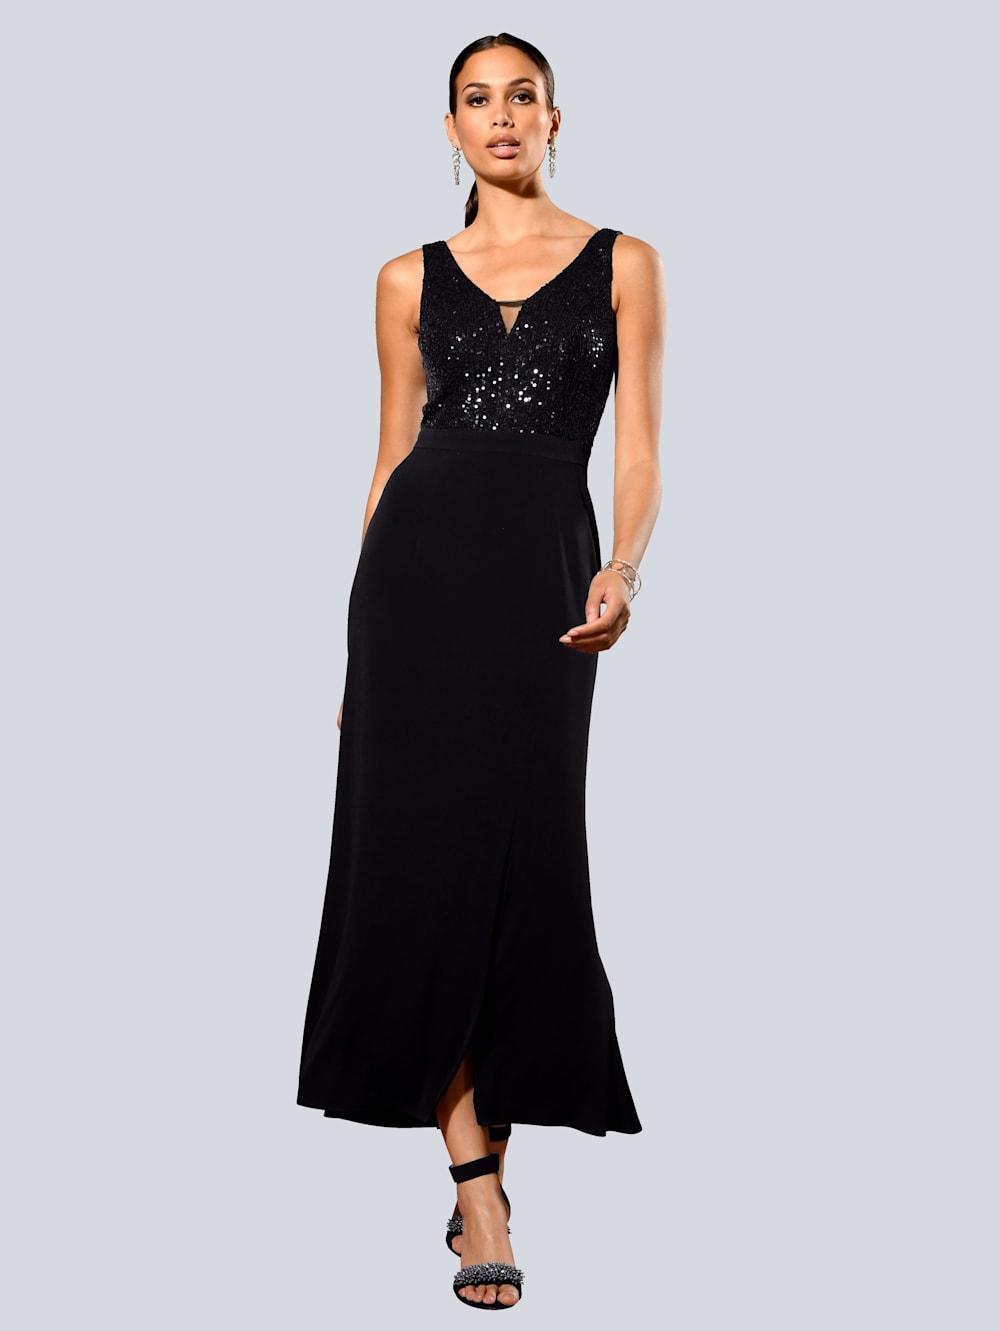 Alba Moda Kleid mit edlen Pailletten am Oberteil  Klingel